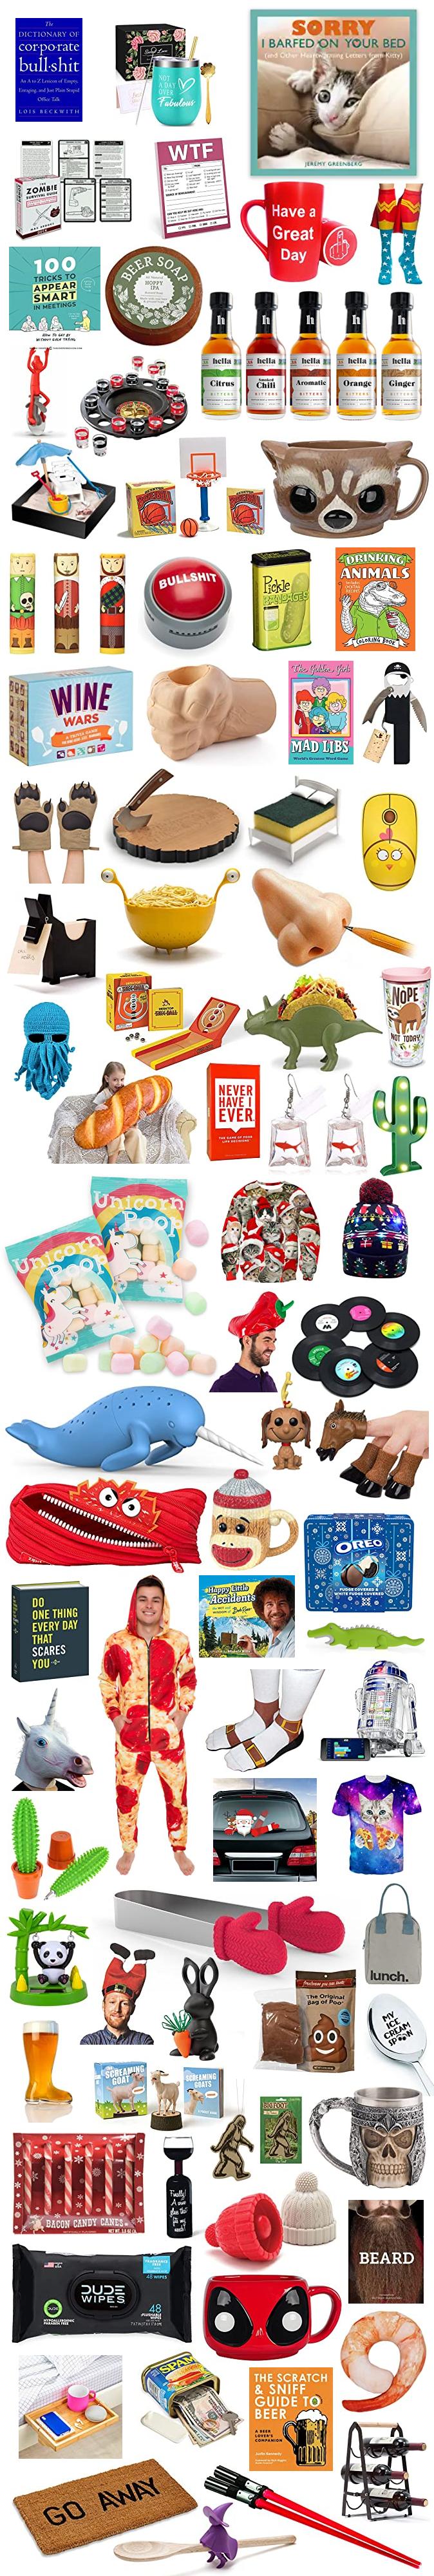 White-Elephant-Gifts-On-Amazon